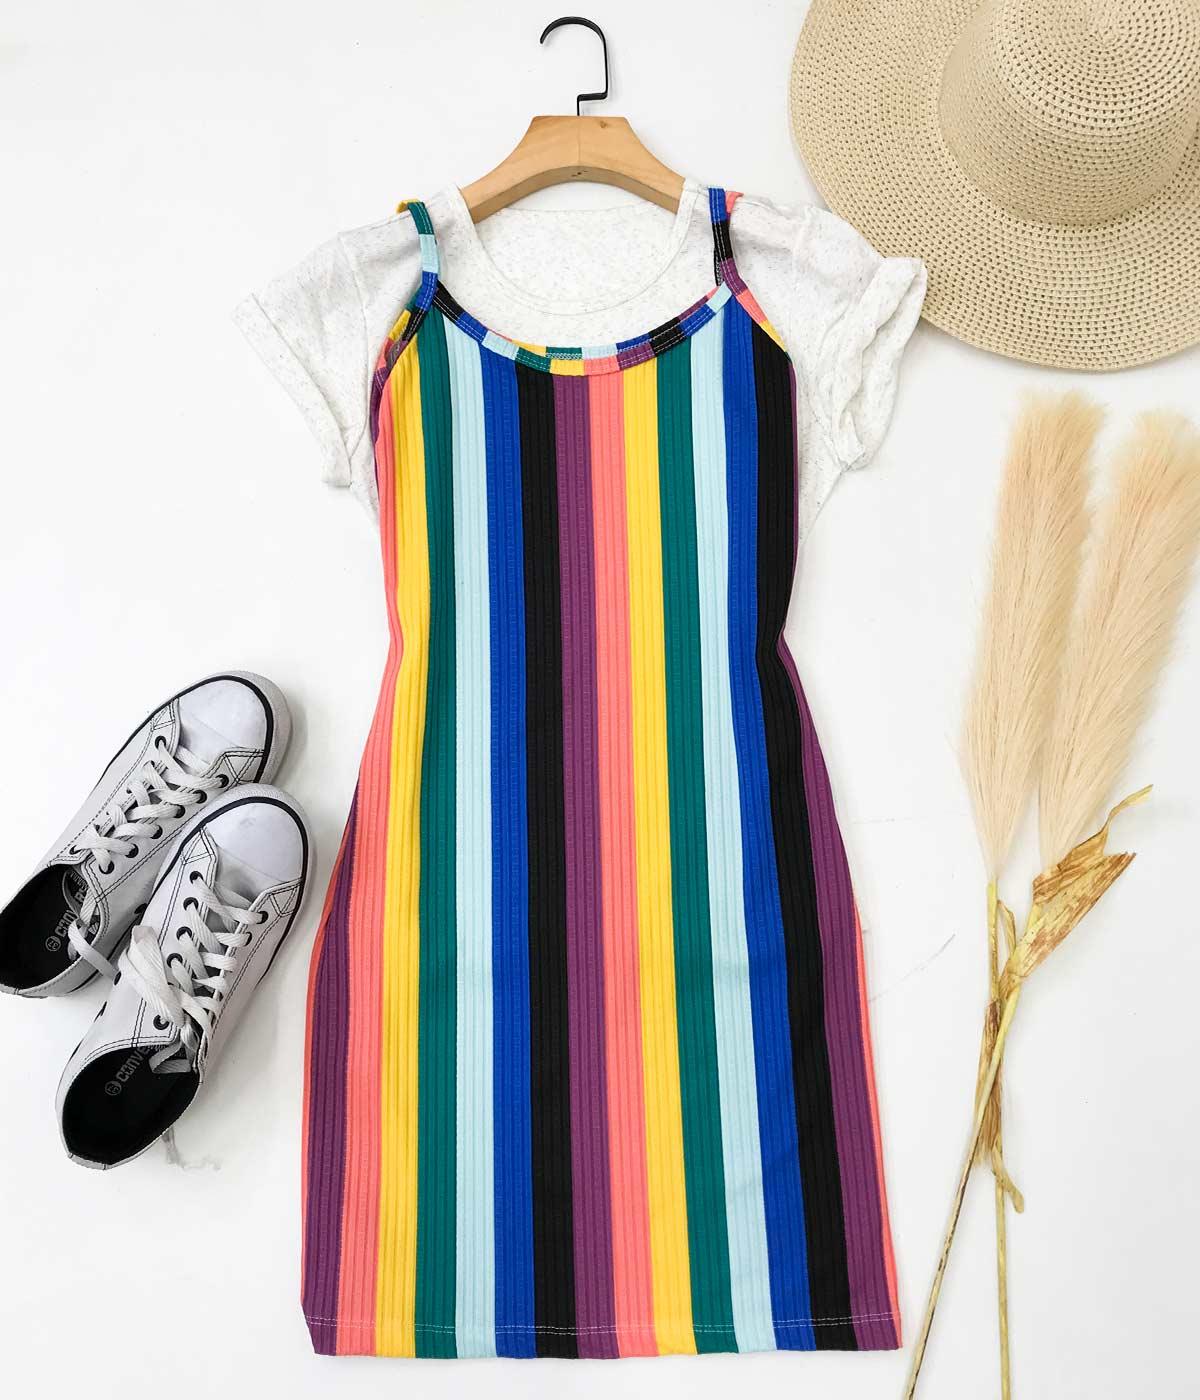 Vestido Canelado Alcinha Listras Arco-Íris